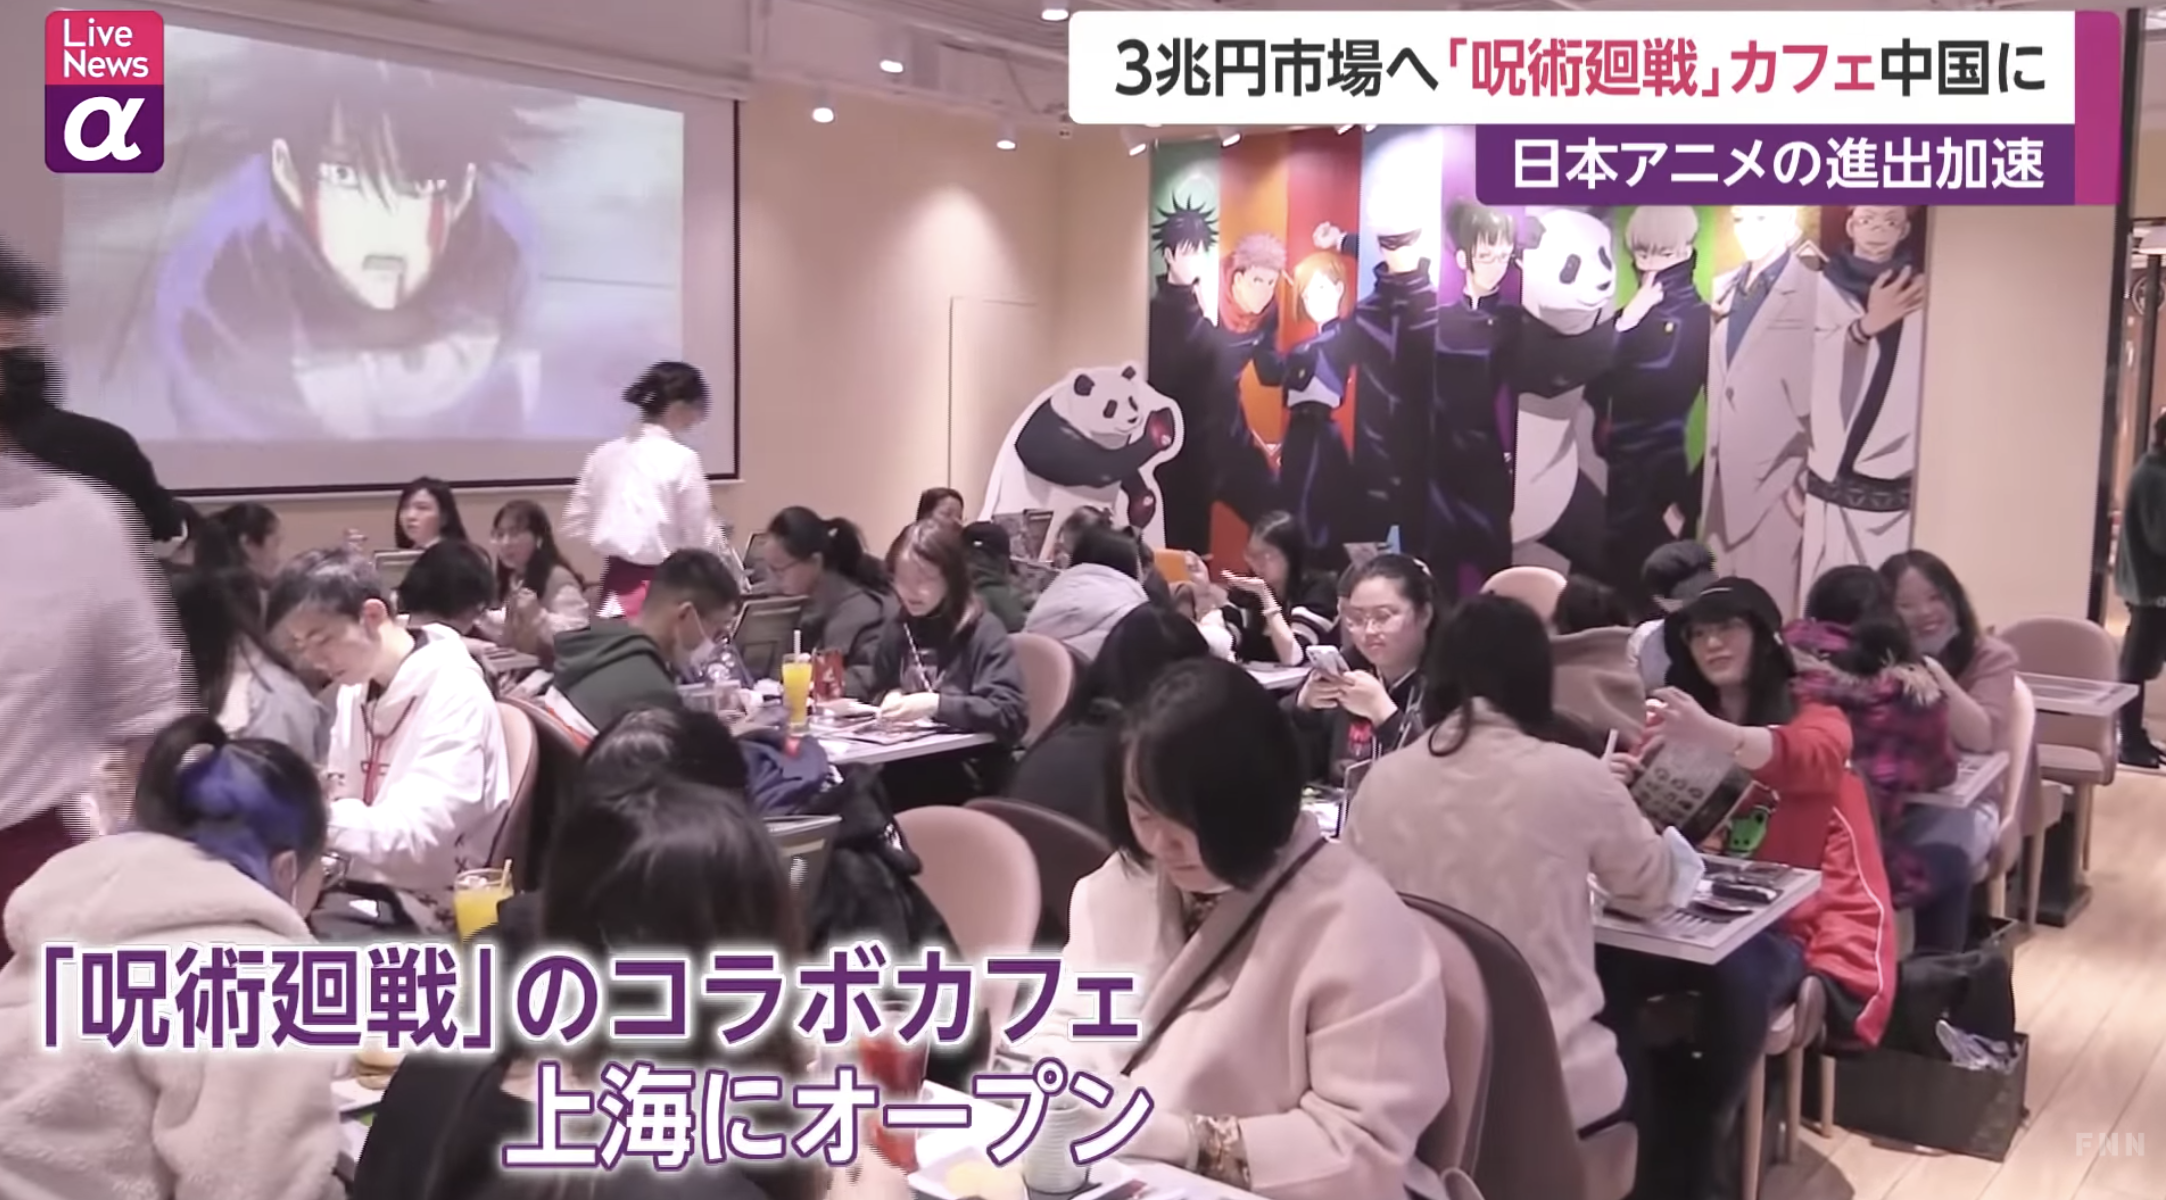 アニメ「呪術廻戦」のコラボカフェ、上海に